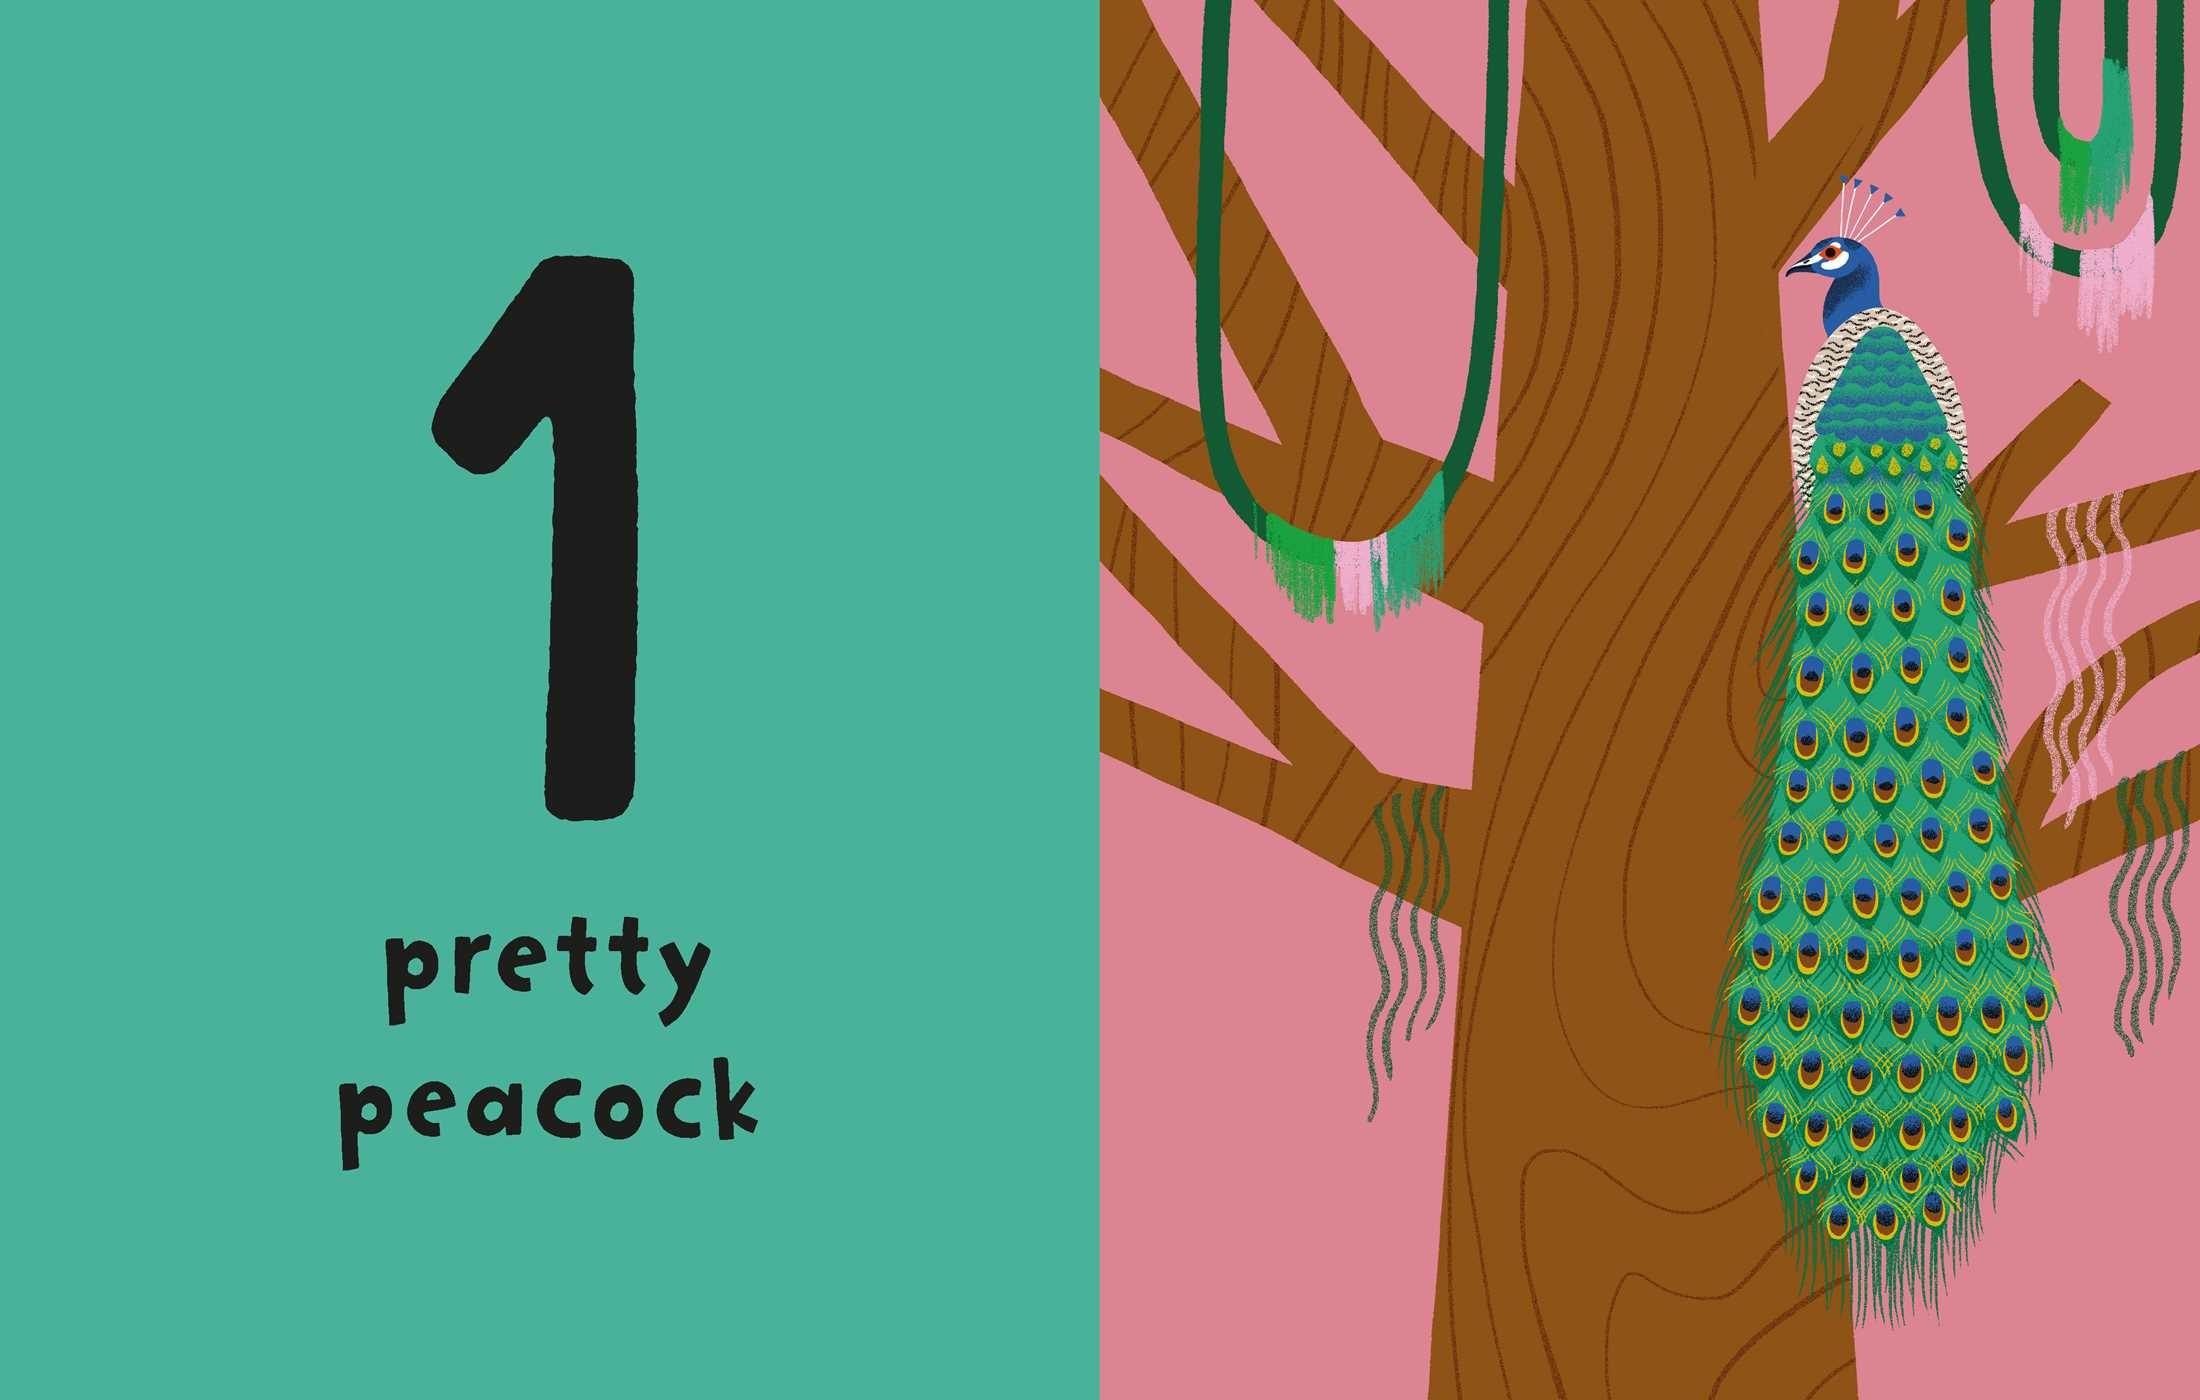 123 in a tree 9781499806281.in01